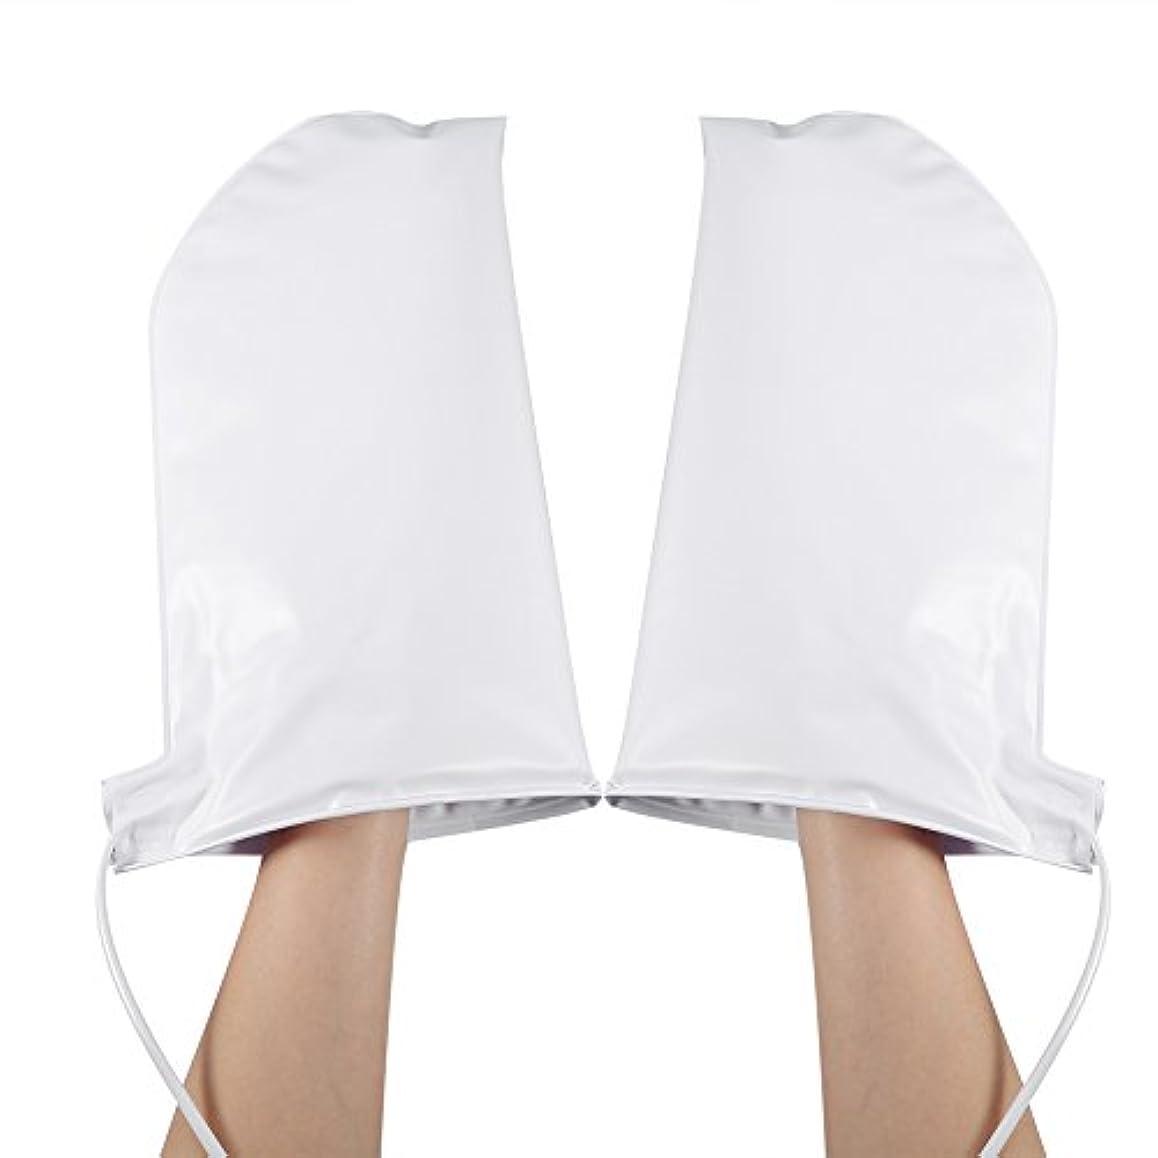 クラフトラオス人ルビー手袋 ヒートグローブ 加熱式 電熱 手ケア ハンドケア 2つ加熱モード 乾燥対策 手荒れ対策 補水 保湿 美白 しっとり